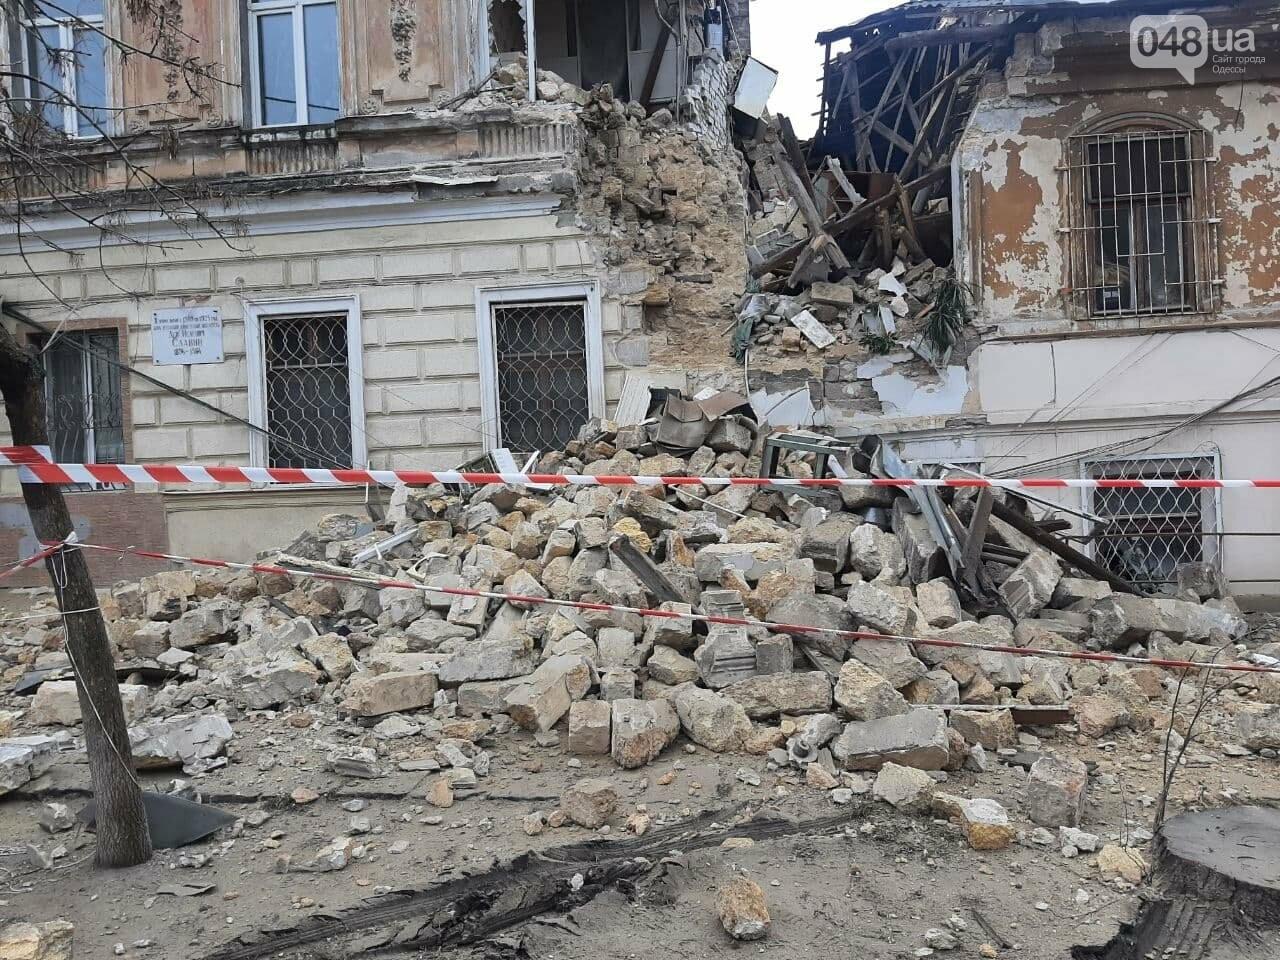 В центре Одессы обрушился дом, жильцов эвакуировали, - ФОТОРЕПОРТАЖ, фото-1